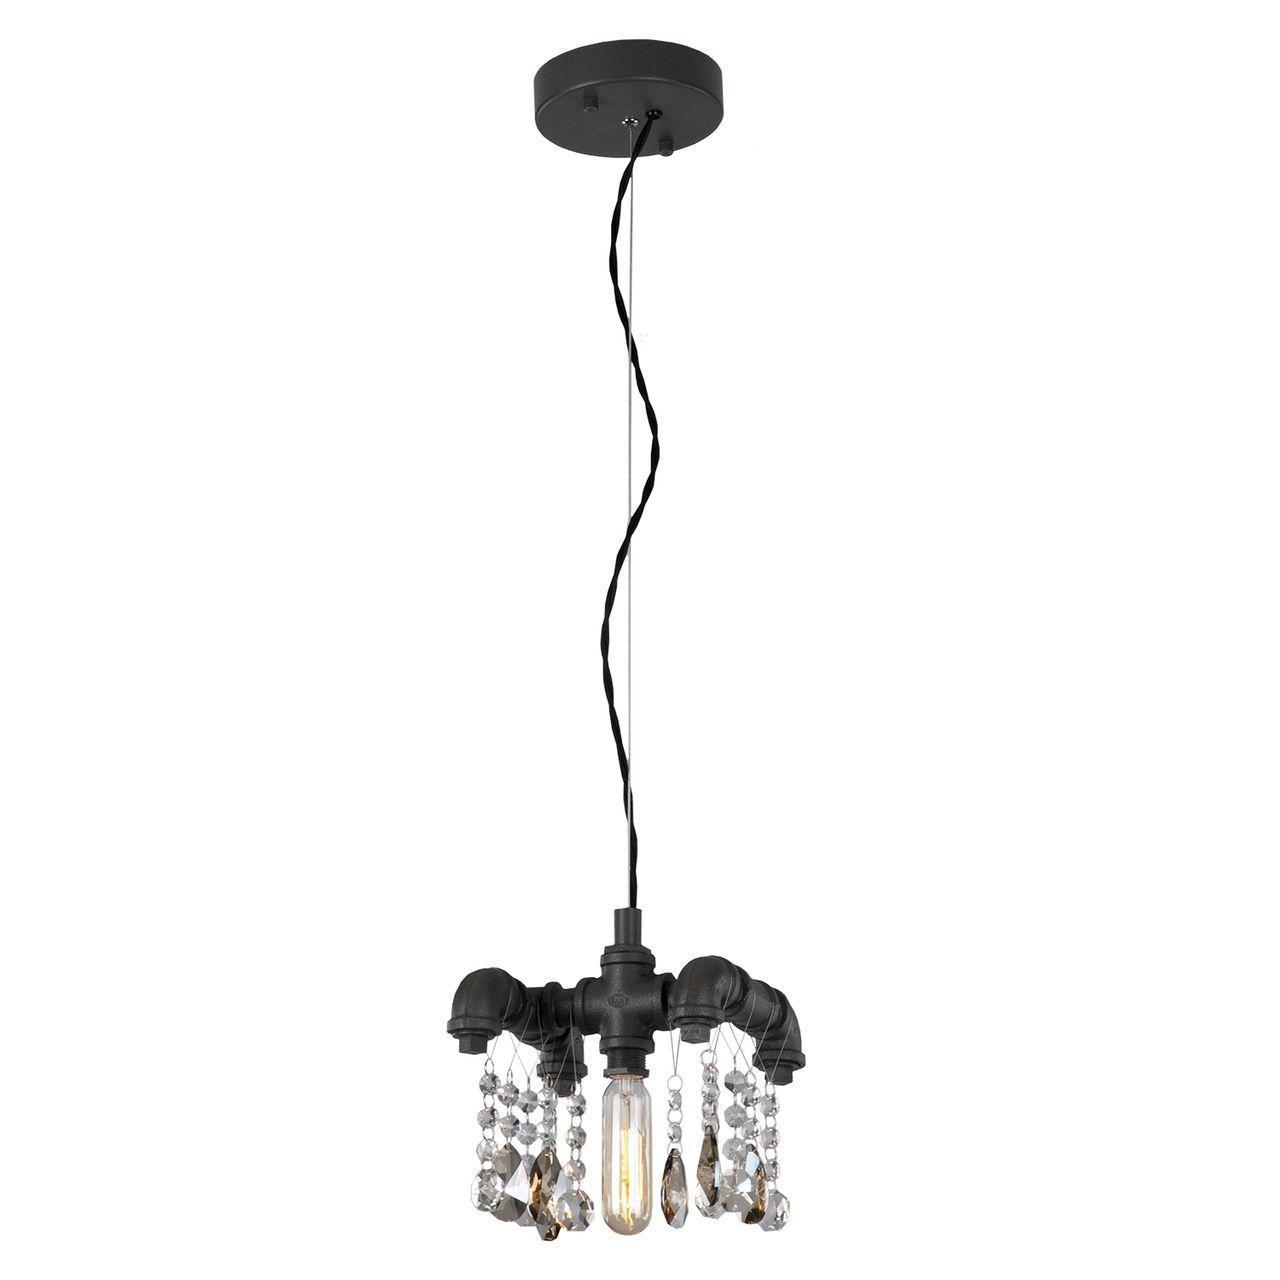 Подвесной светильник Lussole Loft 9 LSP-9371 потолочный светильник lussole lsp 9371